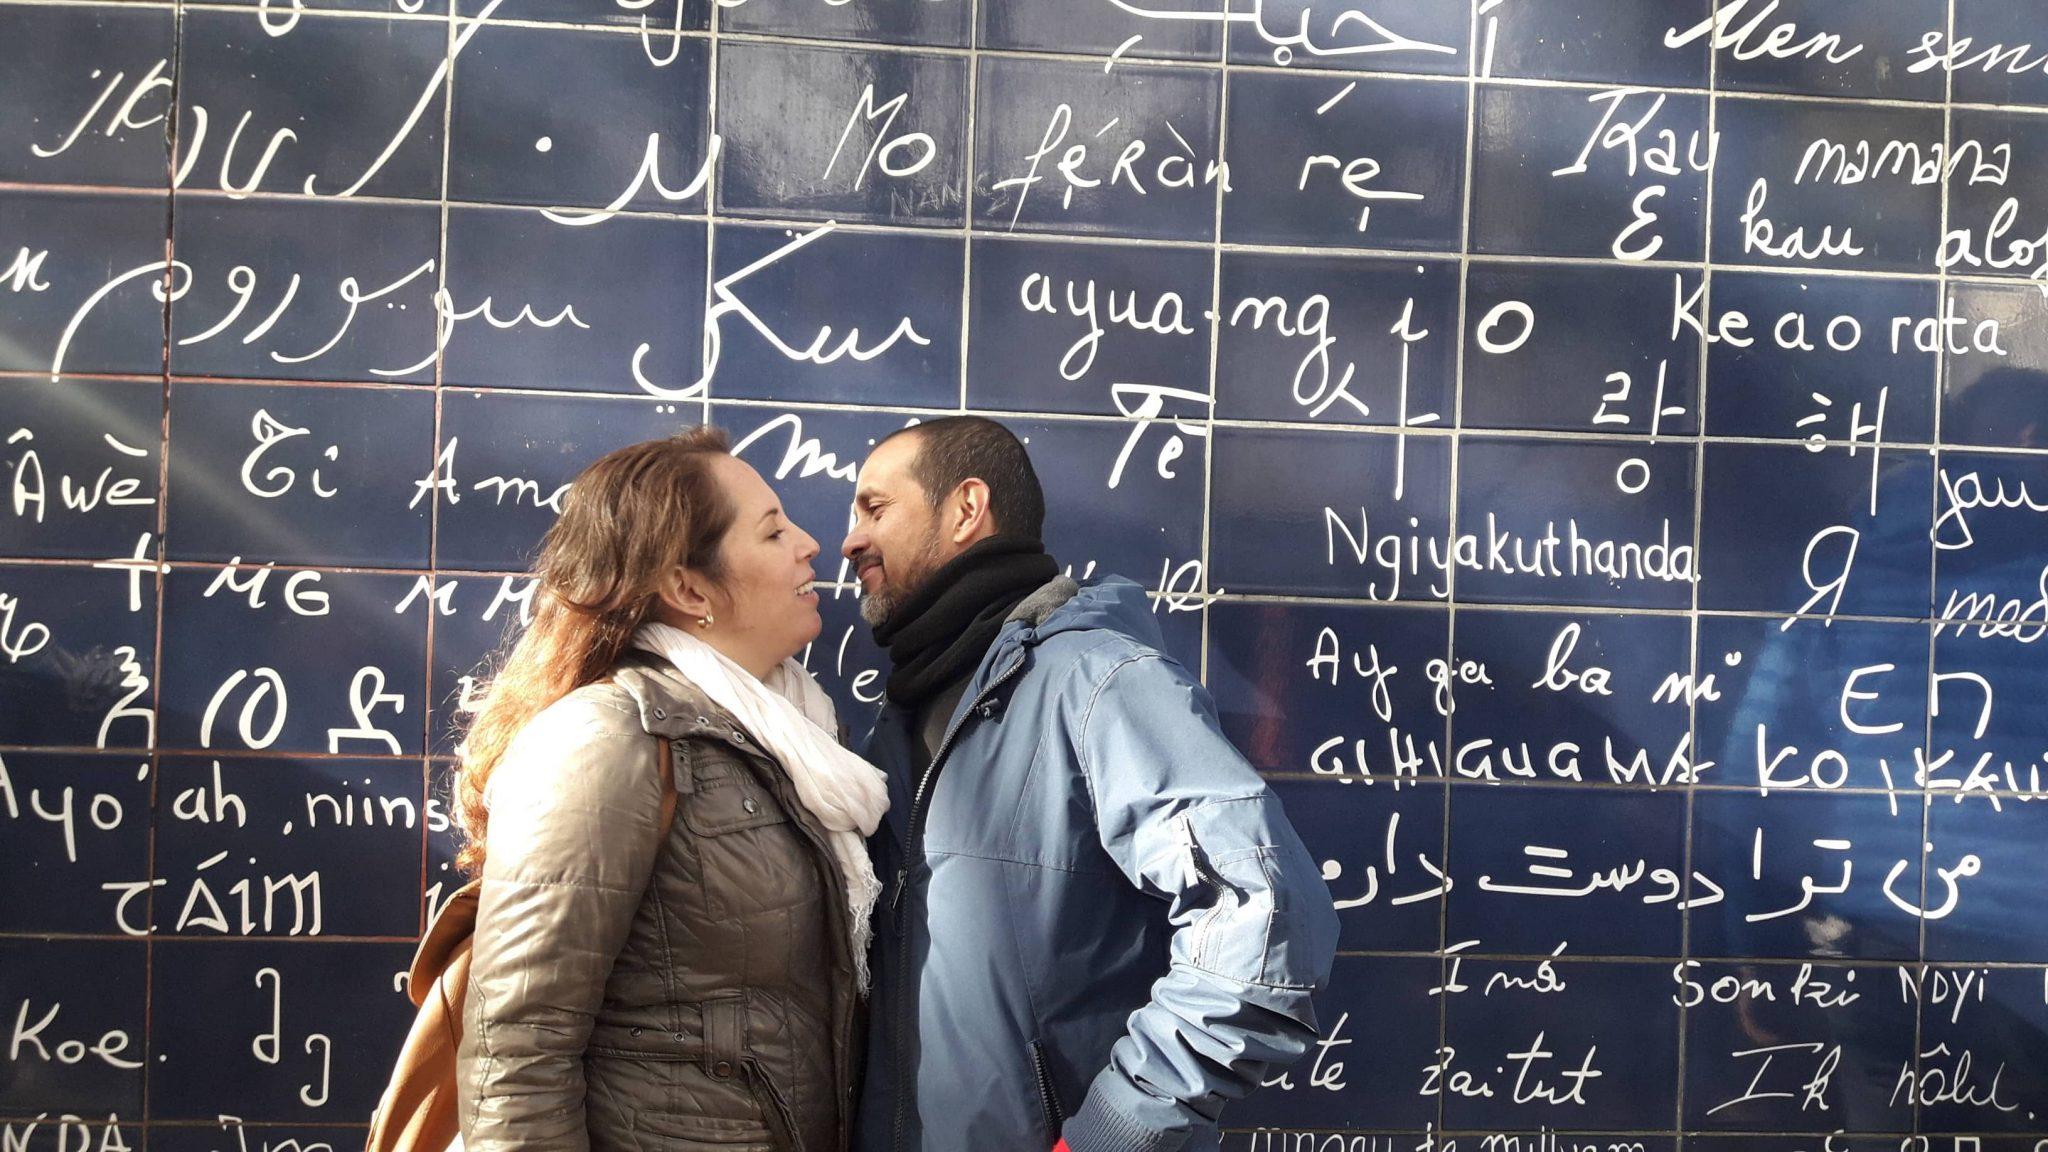 IV EEBB muro do eu te amo